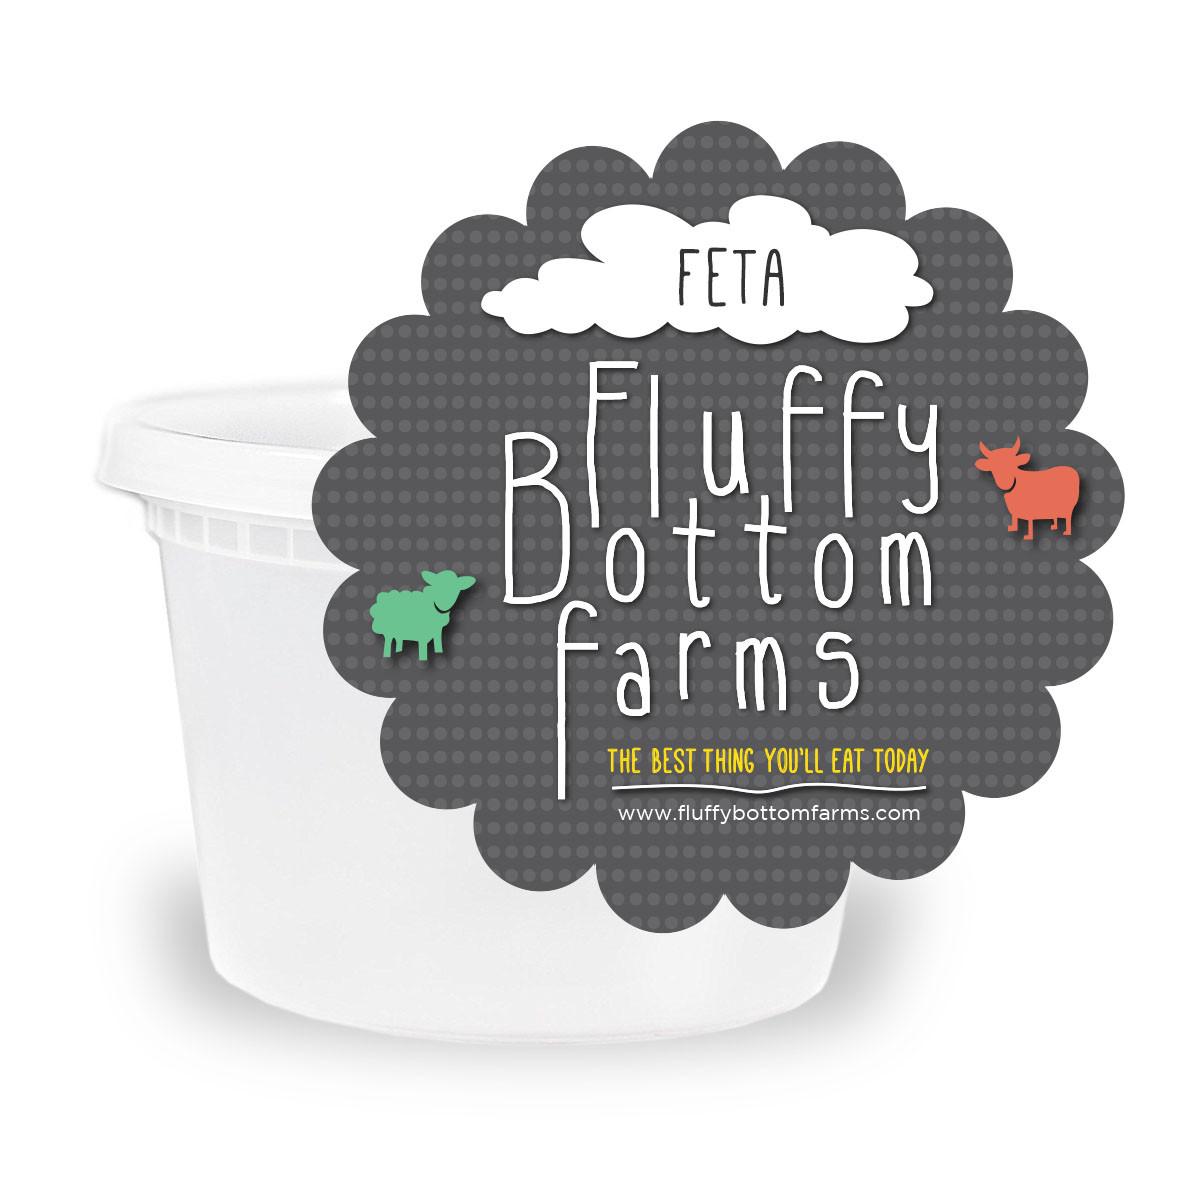 Fluffy Bottom Farms Artisan Cheese - Feta